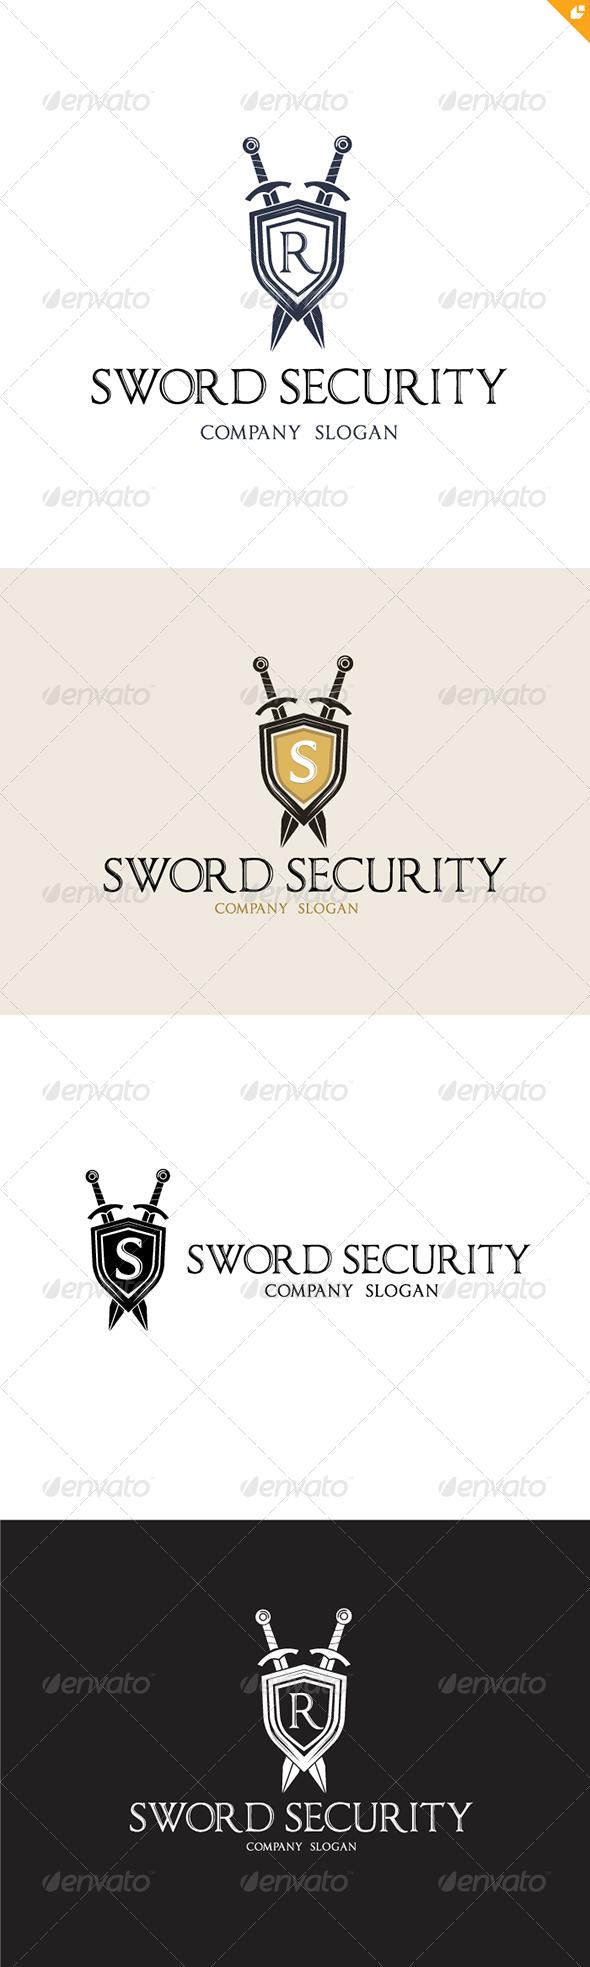 GraphicRiver Sword Security Logo 4566625